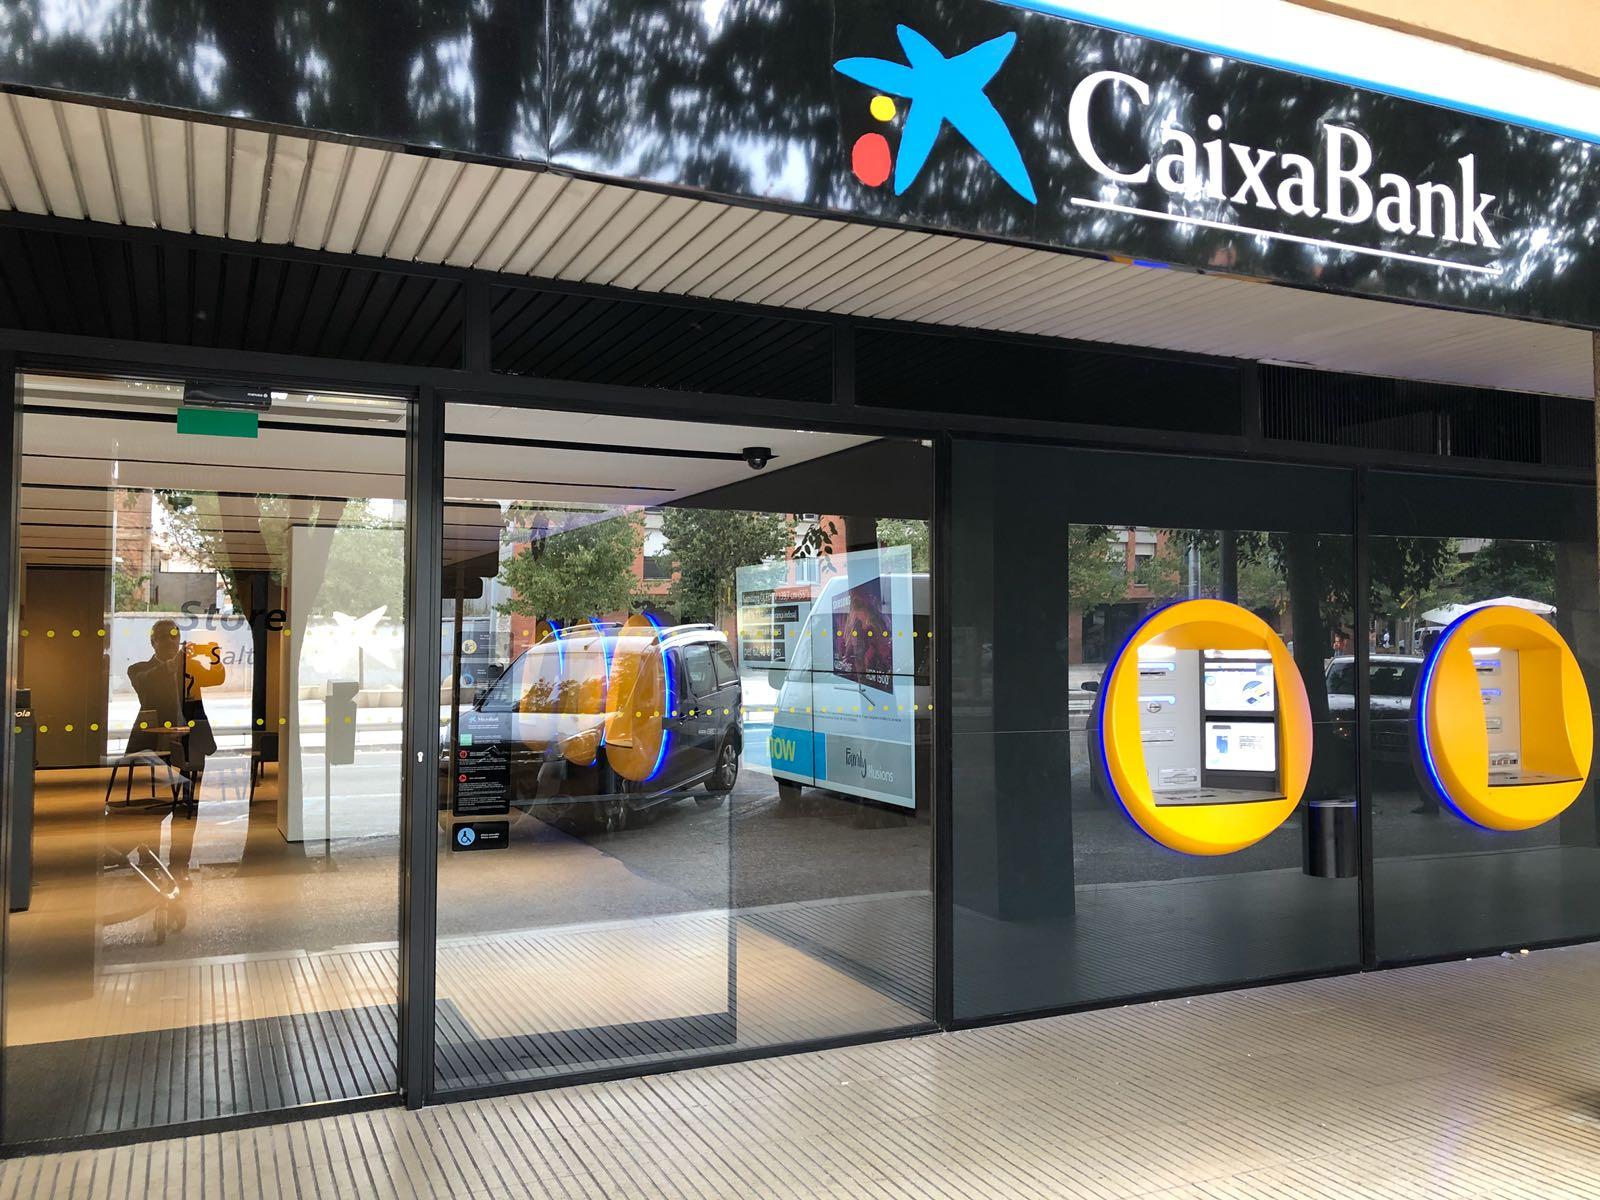 ضريبة بنك Caixa